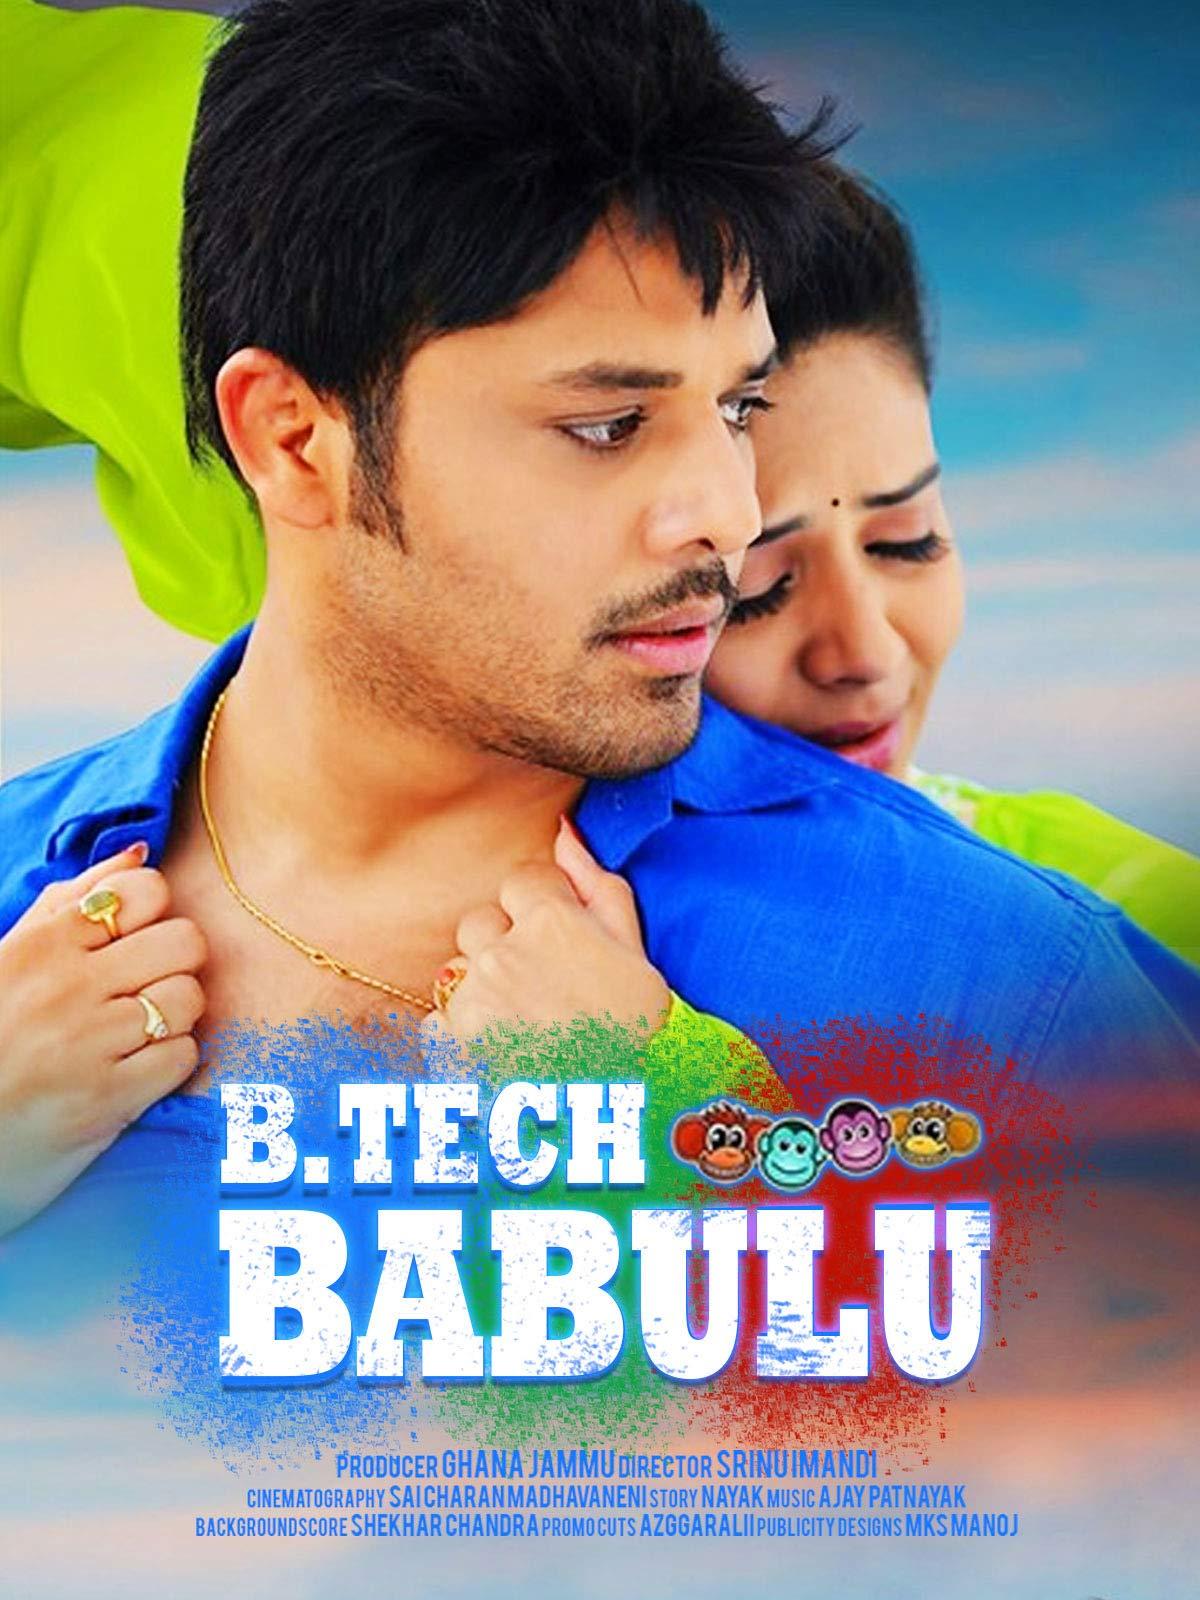 Btech Babulu